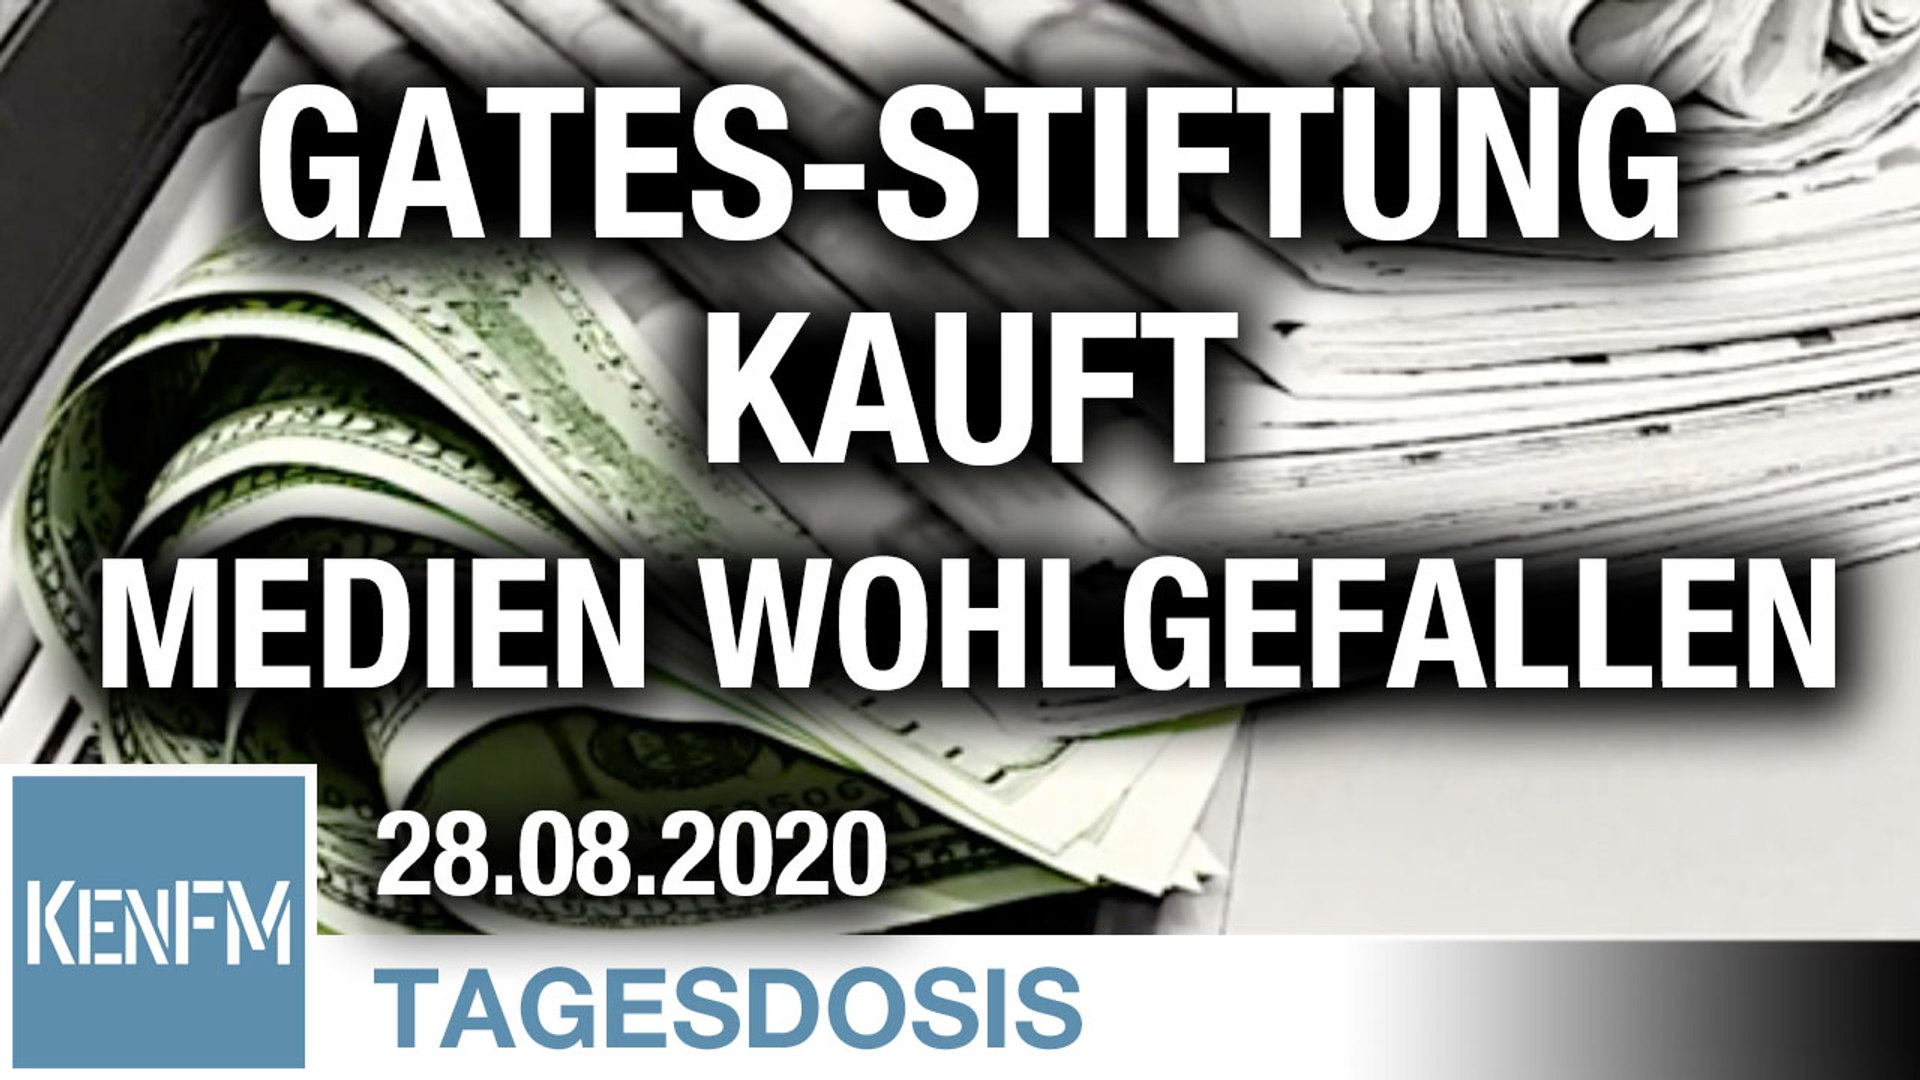 Neue Untersuchung: Gates-Stiftung kauft Medien Wohlgefallen   Von Rainer Rupp